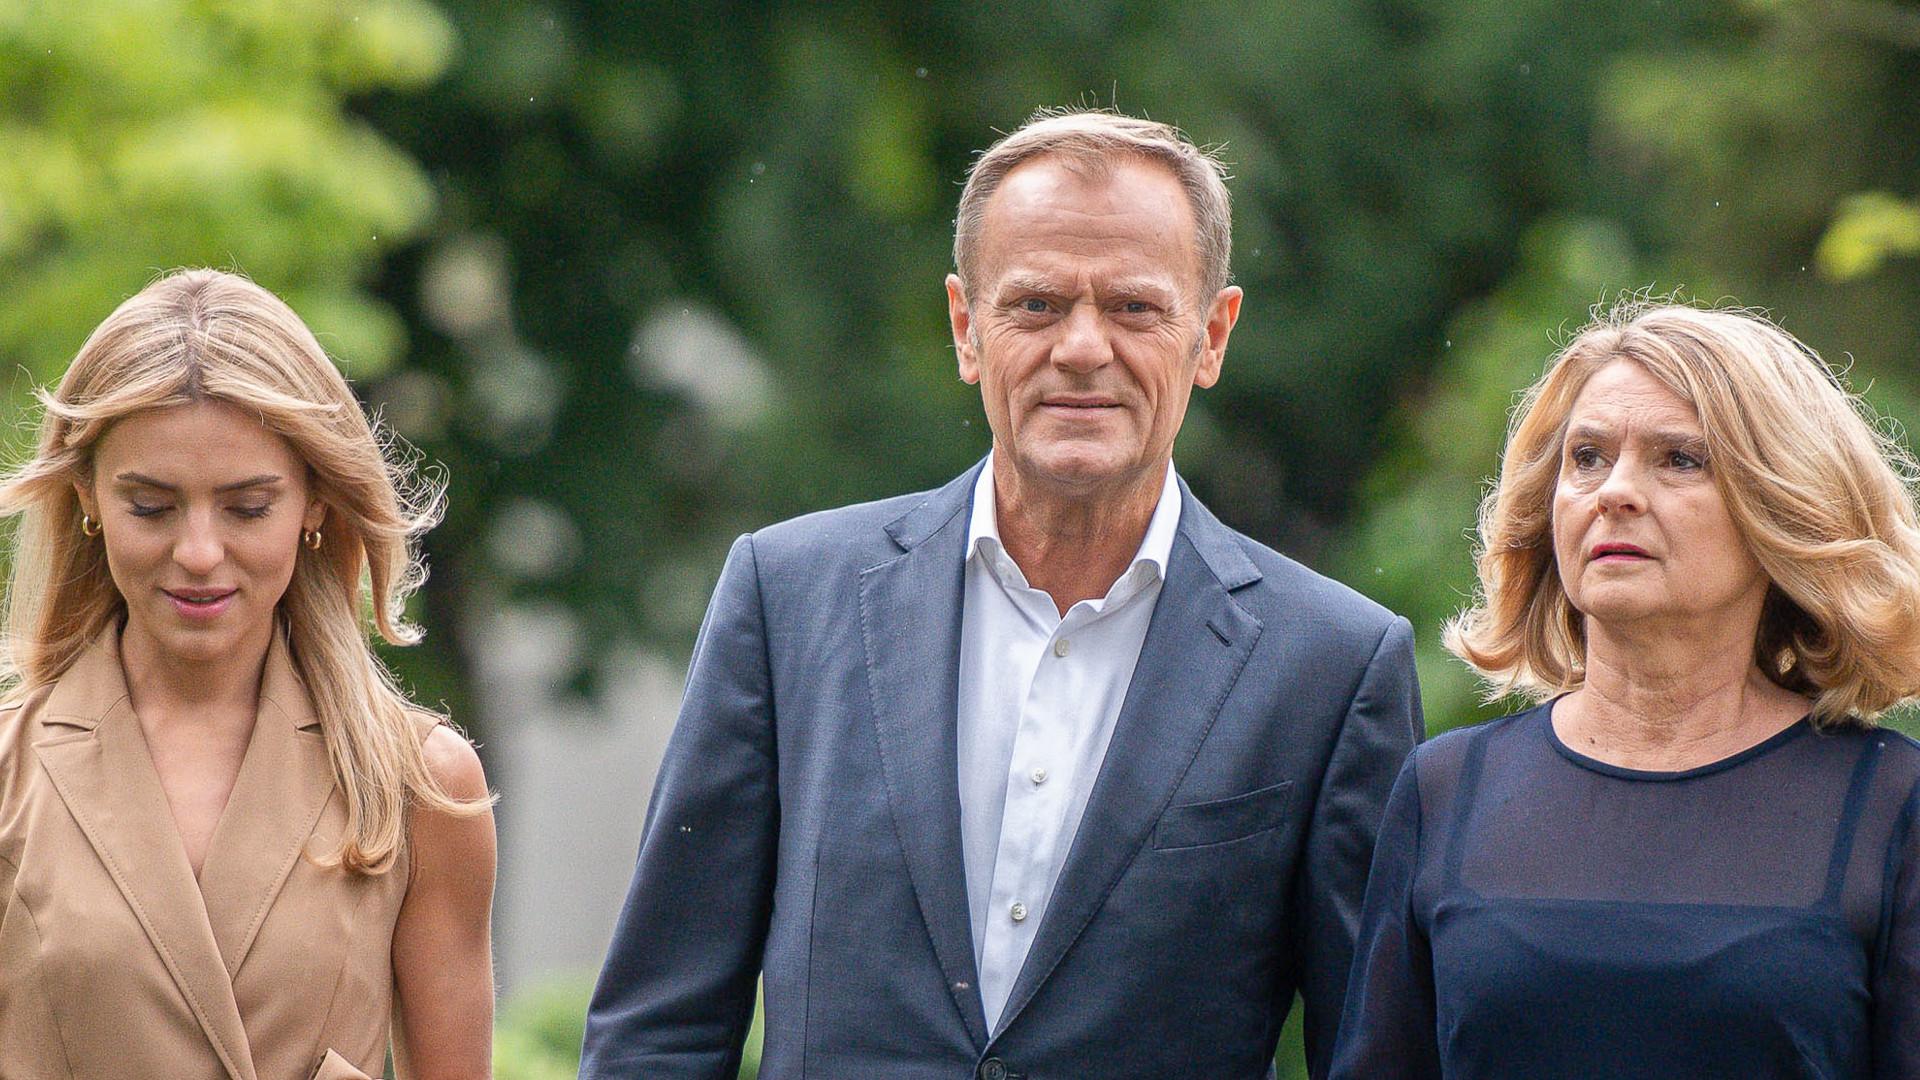 Kasia Tusk w towarzystwie rodziców odwiedziła lokal wyborczy. Blogerka popisała się stylem?